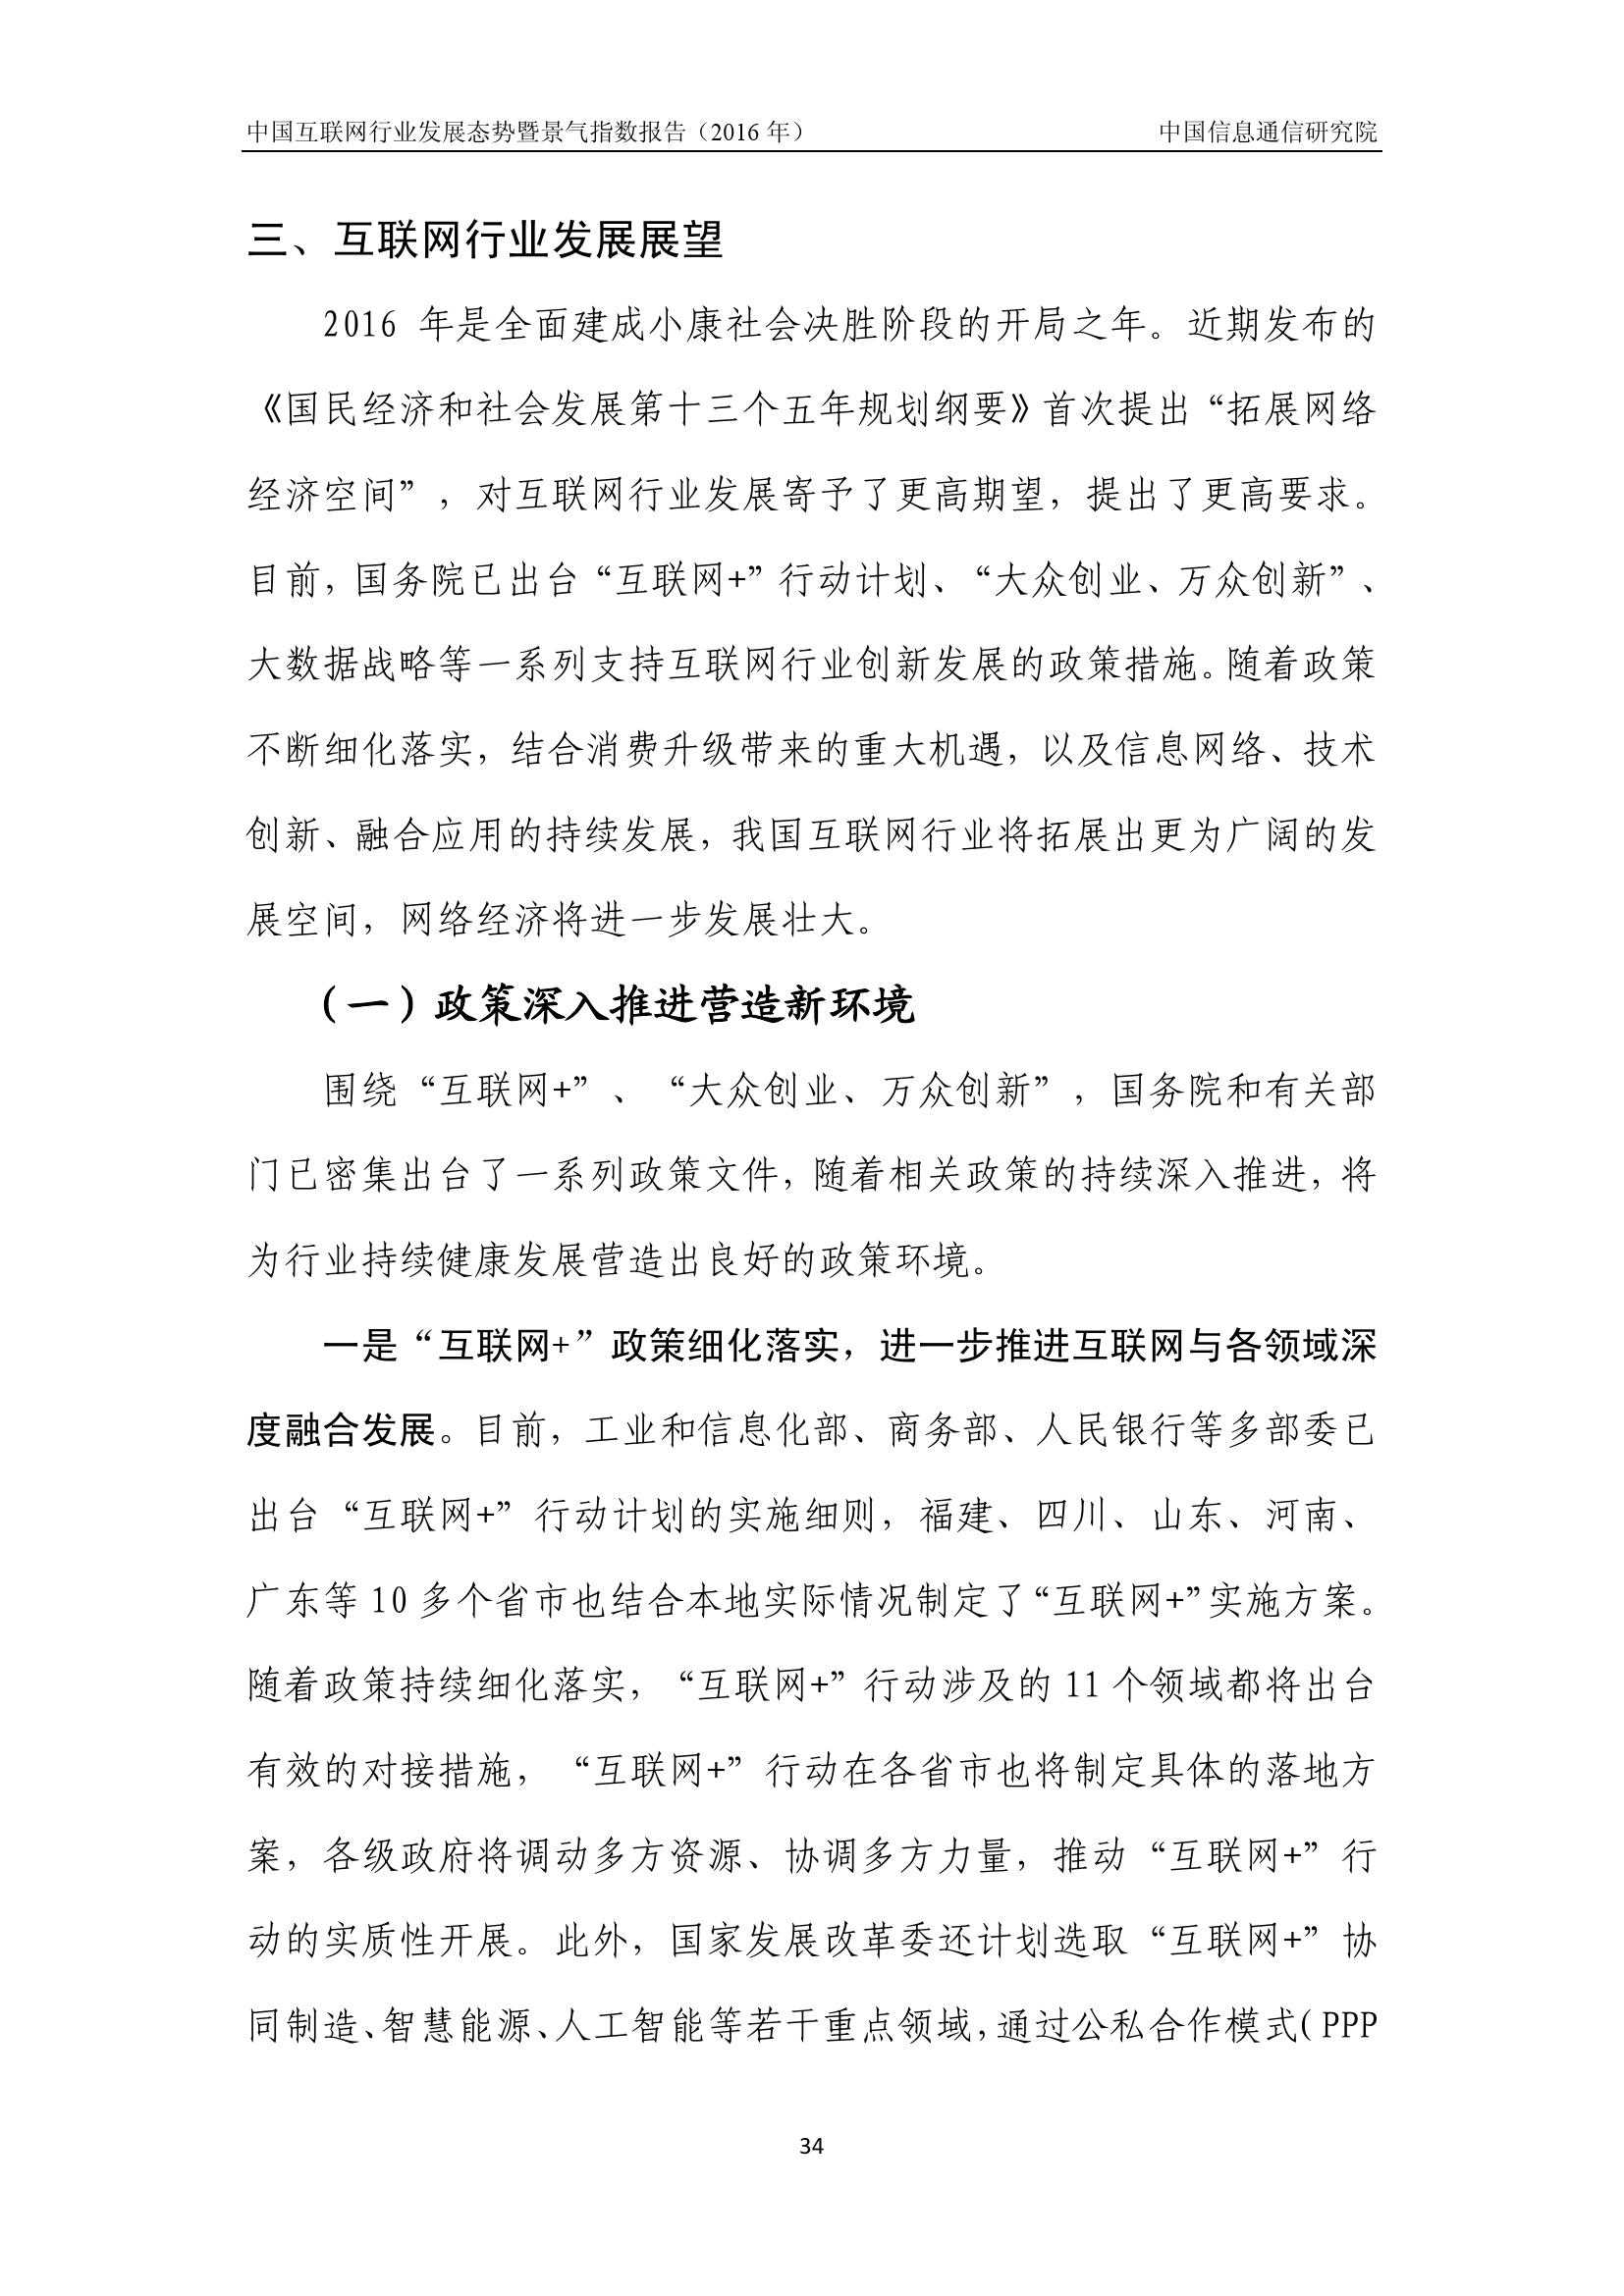 2016年中国互联网行业发展态势暨景气指数报告_000038